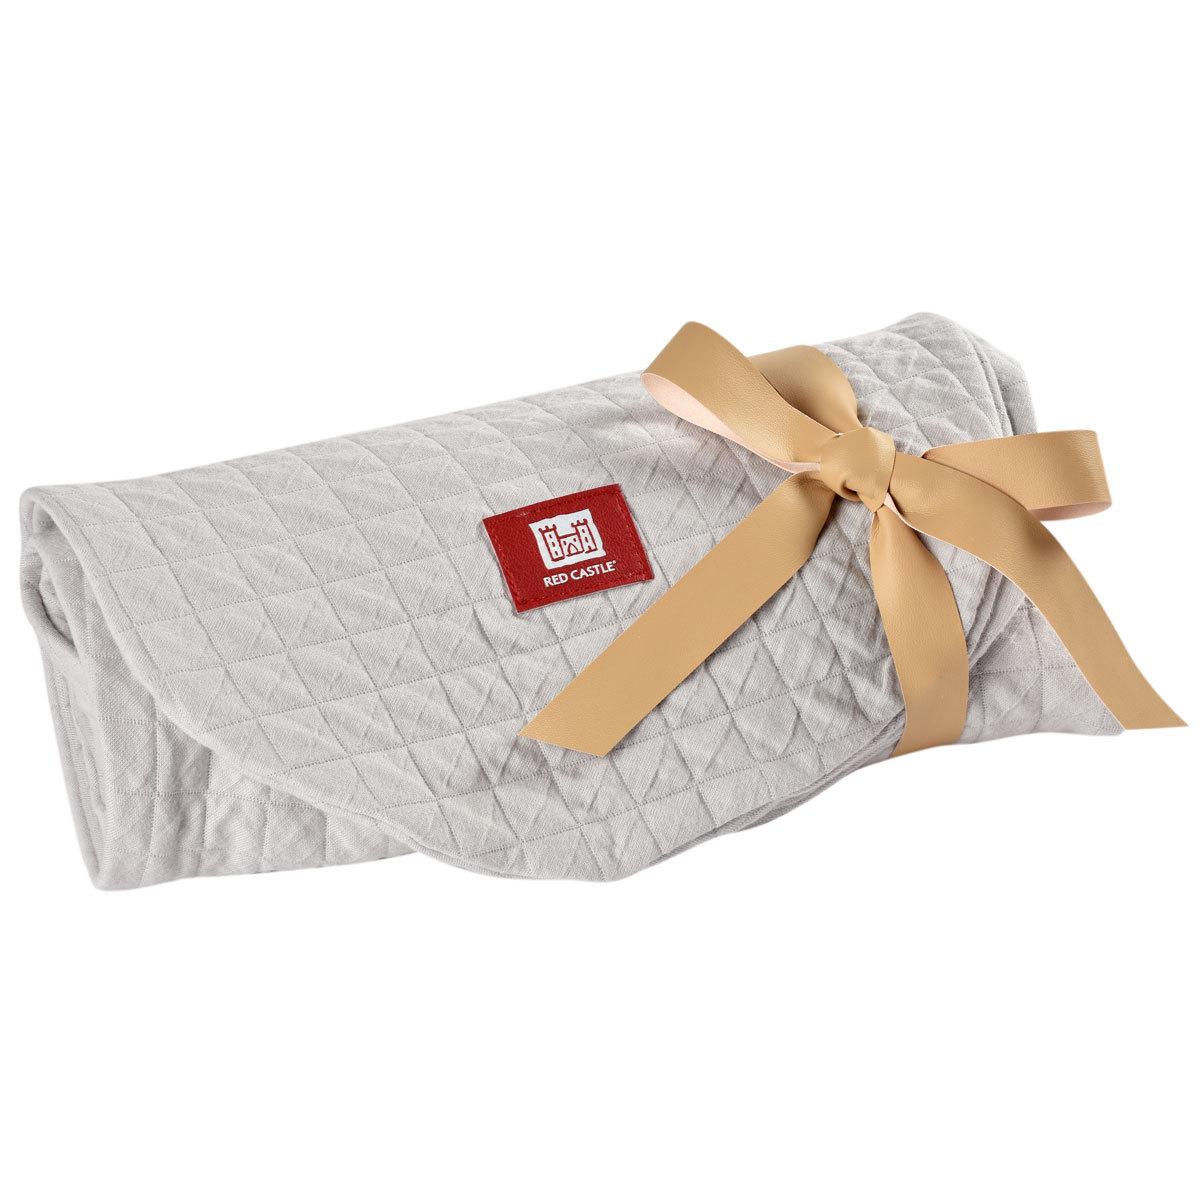 Coussin allaitement Housse pour Big Flopsy Fleur de Coton - Gris Perle Housse pour Big Flopsy Fleur de Coton - Gris Perle